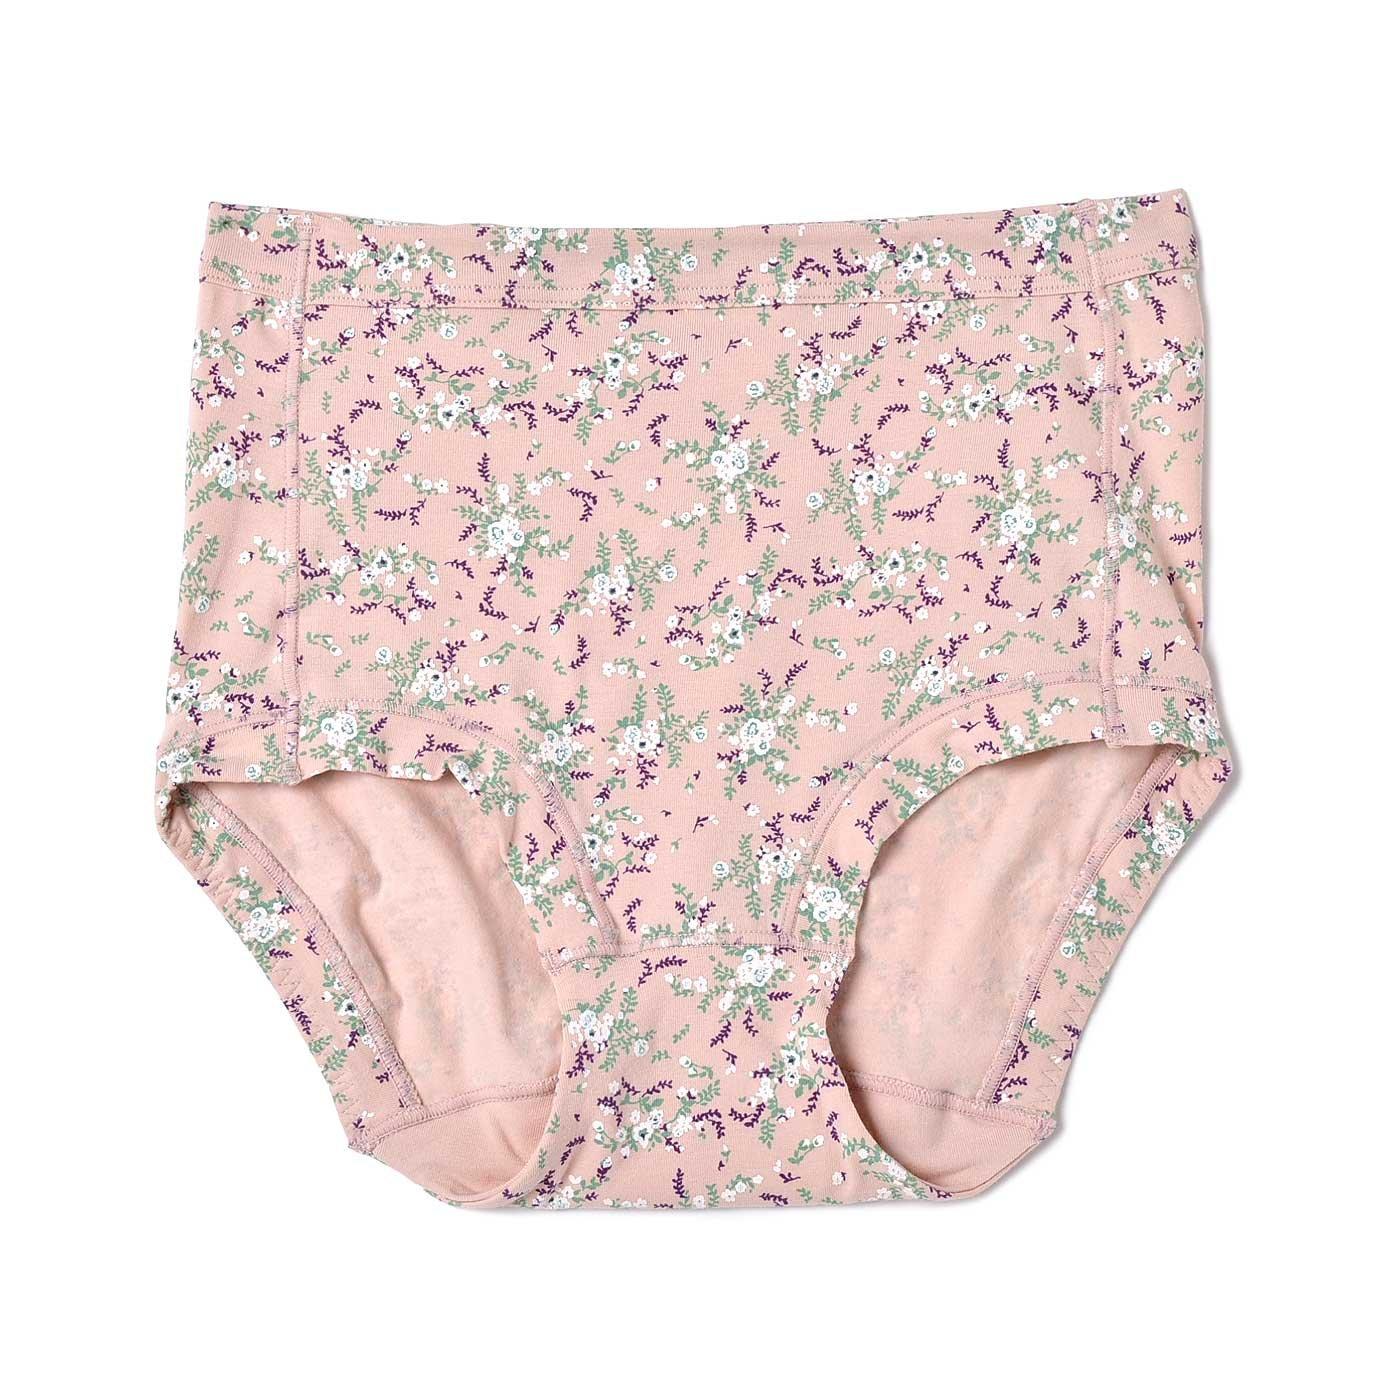 リラックスしながらきれいはぐくむ おしりすっぽり小花柄ショーツ〈ピンク×グリーン×ホワイト〉